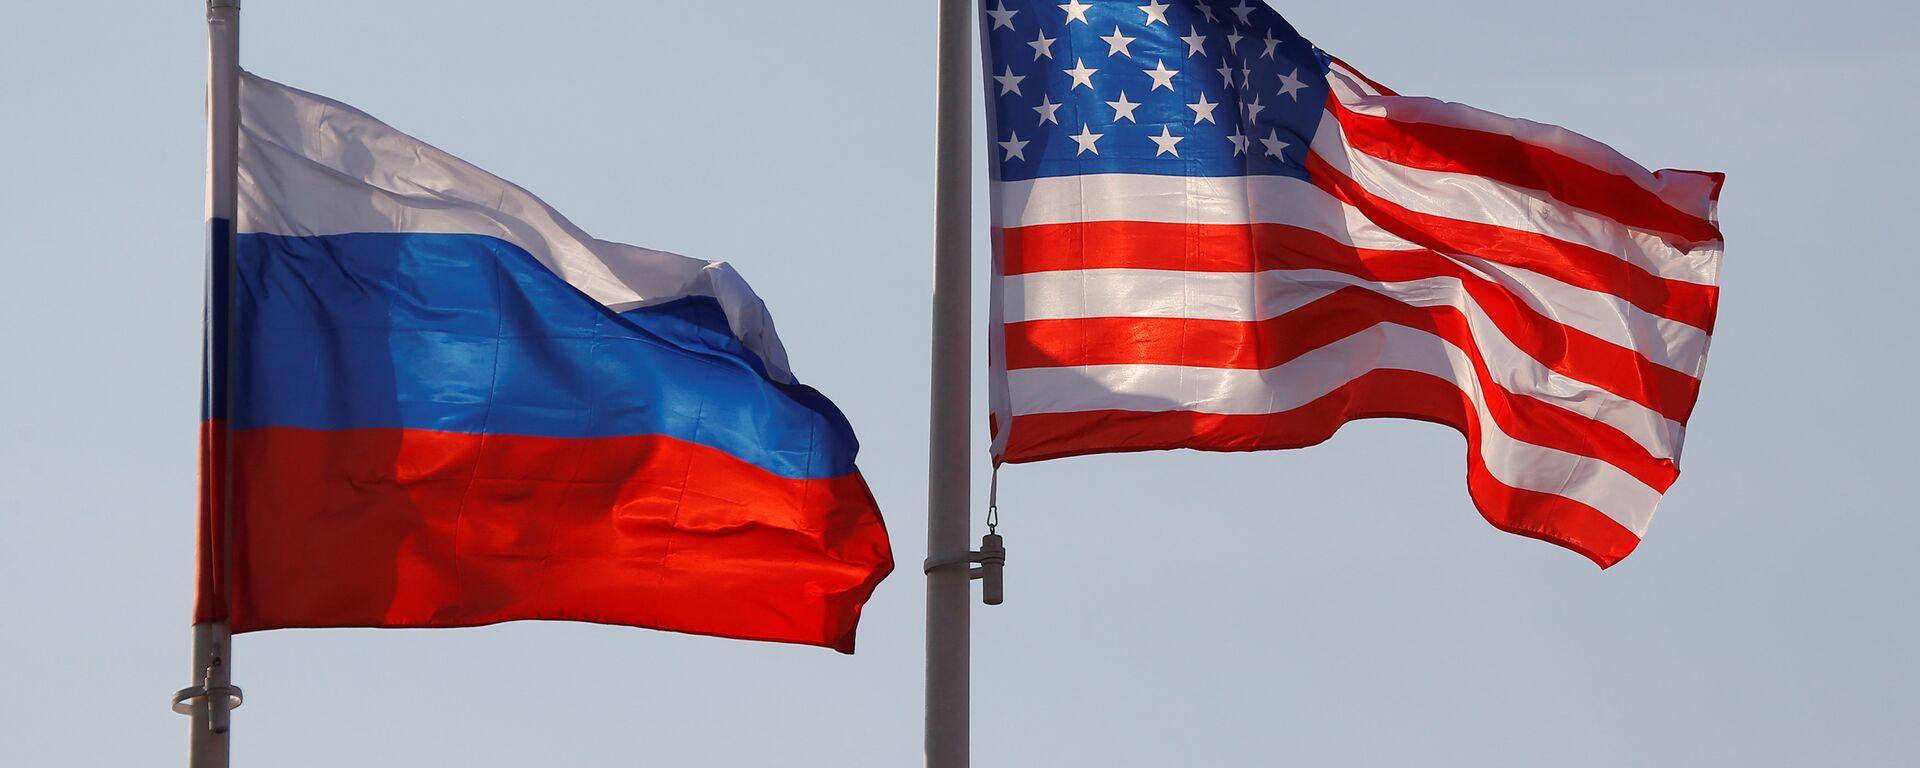 Zastave Rusije i SAD na međunarodnom aerodromu Vnukovo u Moskvi - Sputnik Srbija, 1920, 28.07.2021